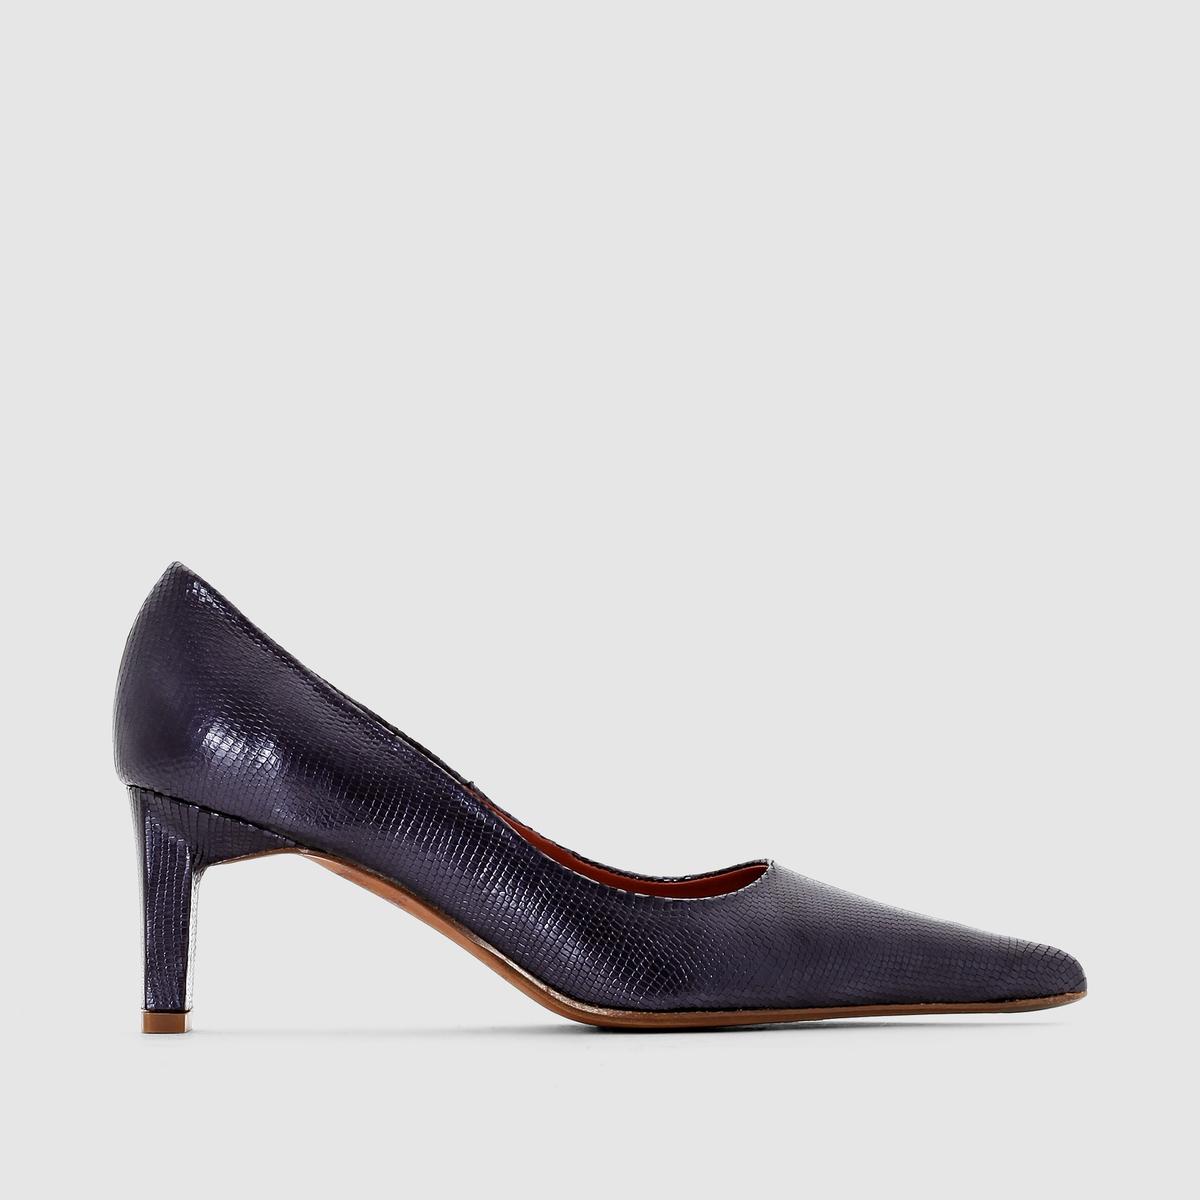 Туфли-лодочки из кожи KENT - ELIZABETH STUART